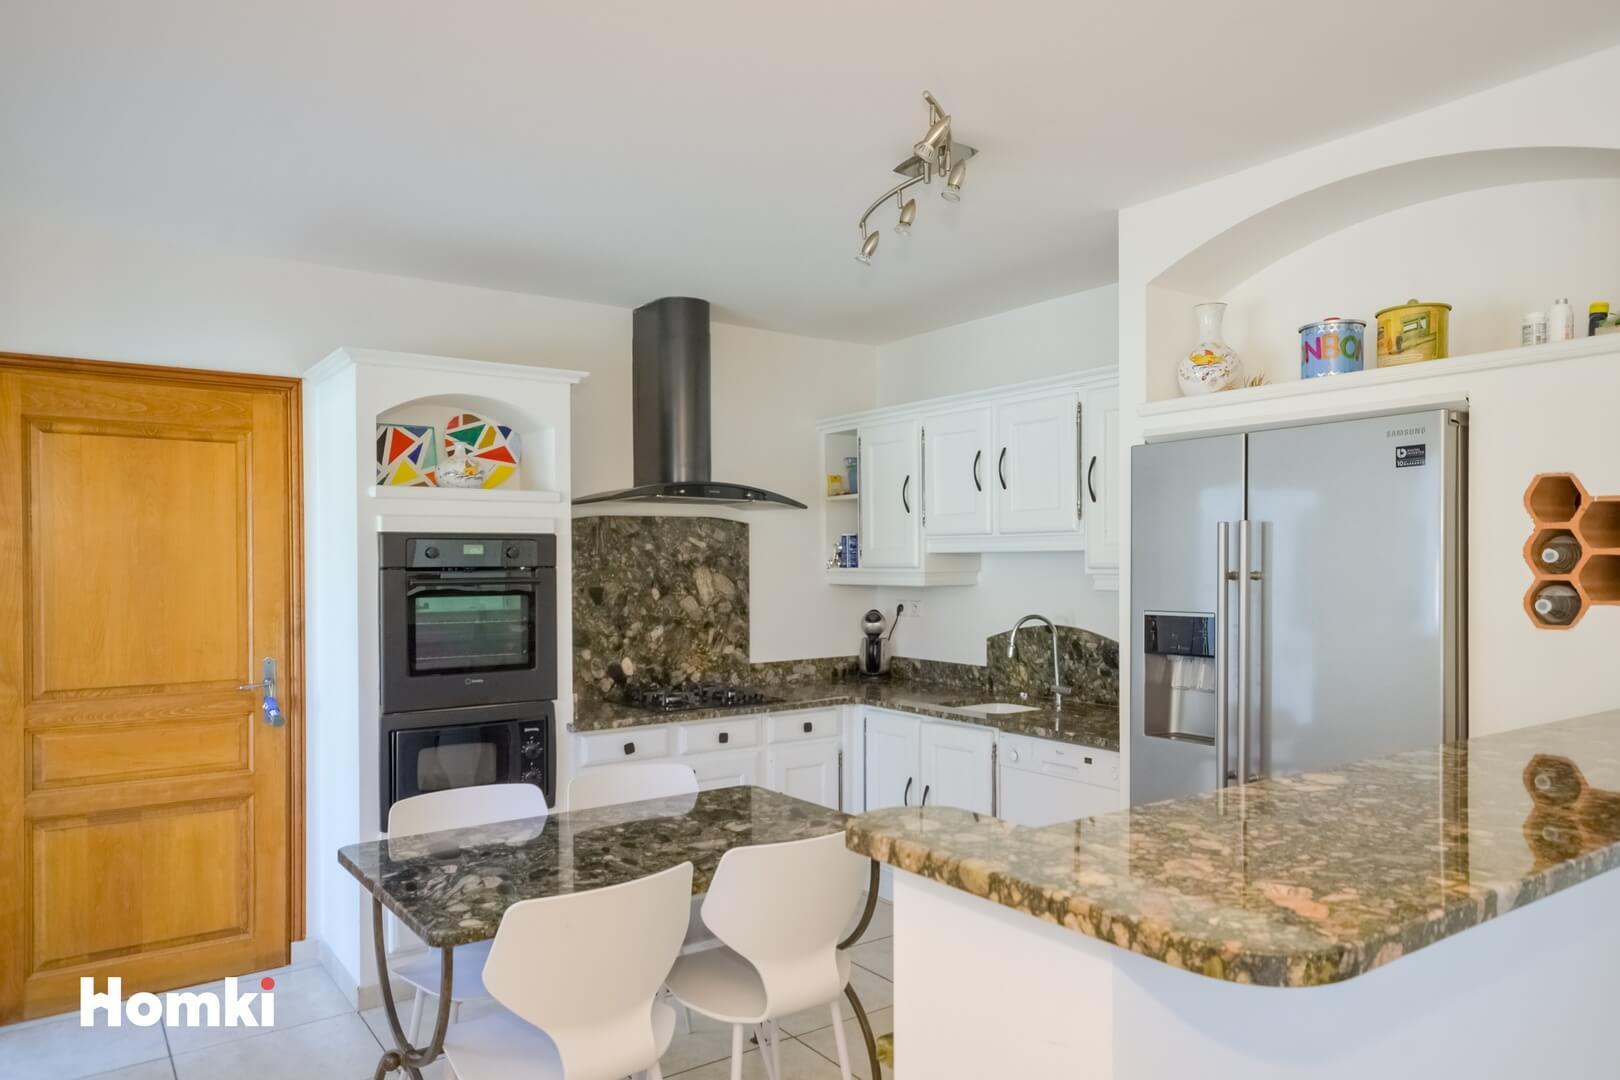 Homki - Vente Maison/villa  de 165.0 m² à Martigues 13500